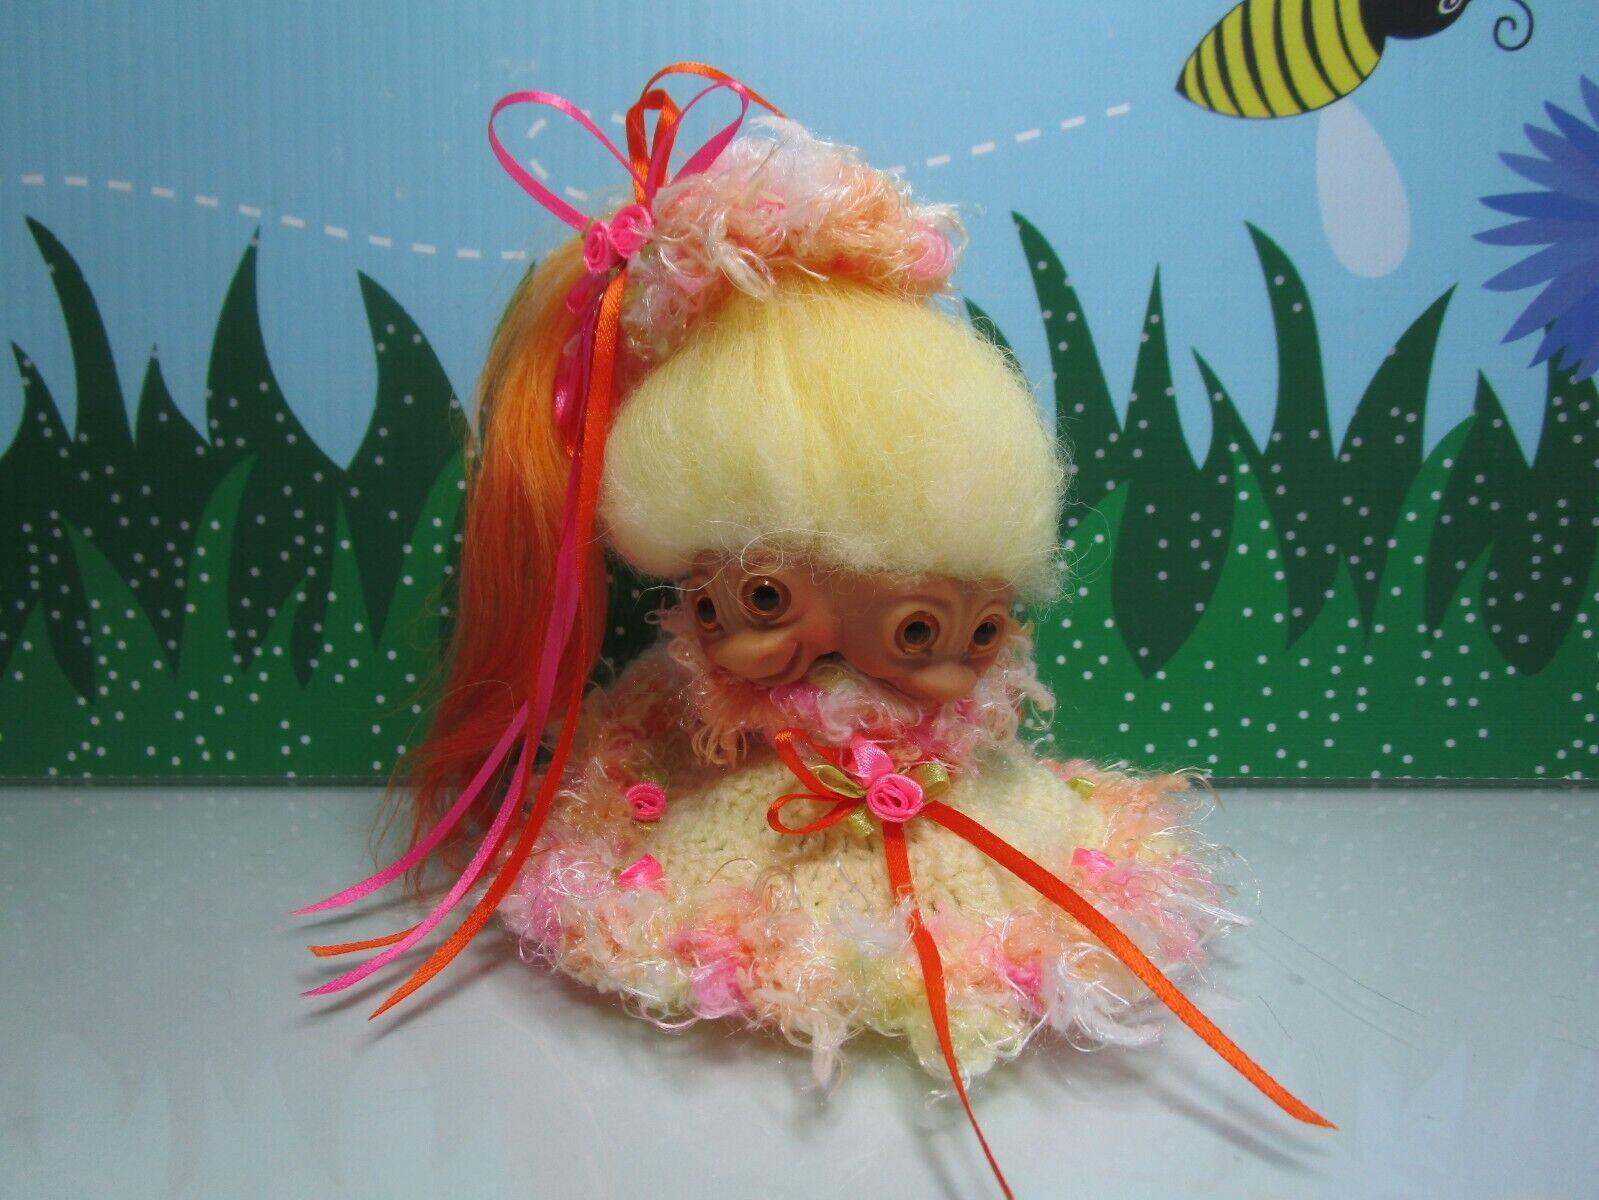 1965 2 HEADED GIRL TROLL - 3  WISHNIK UNEEDA Troll Doll - RARE-  w NEW EYES HAIR